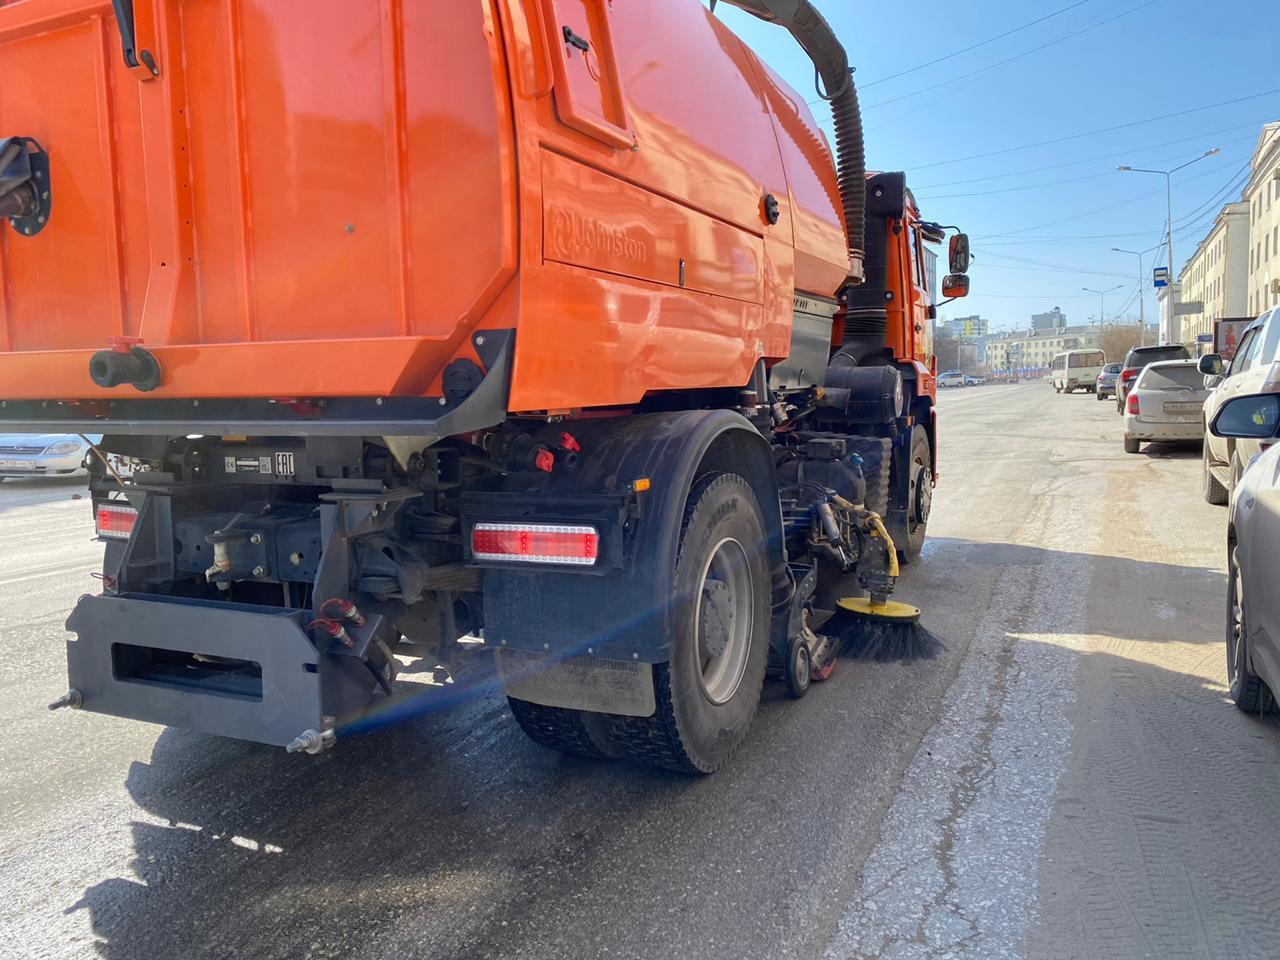 В Якутске продолжается плановая уборка улиц и площадей от пыли и песка